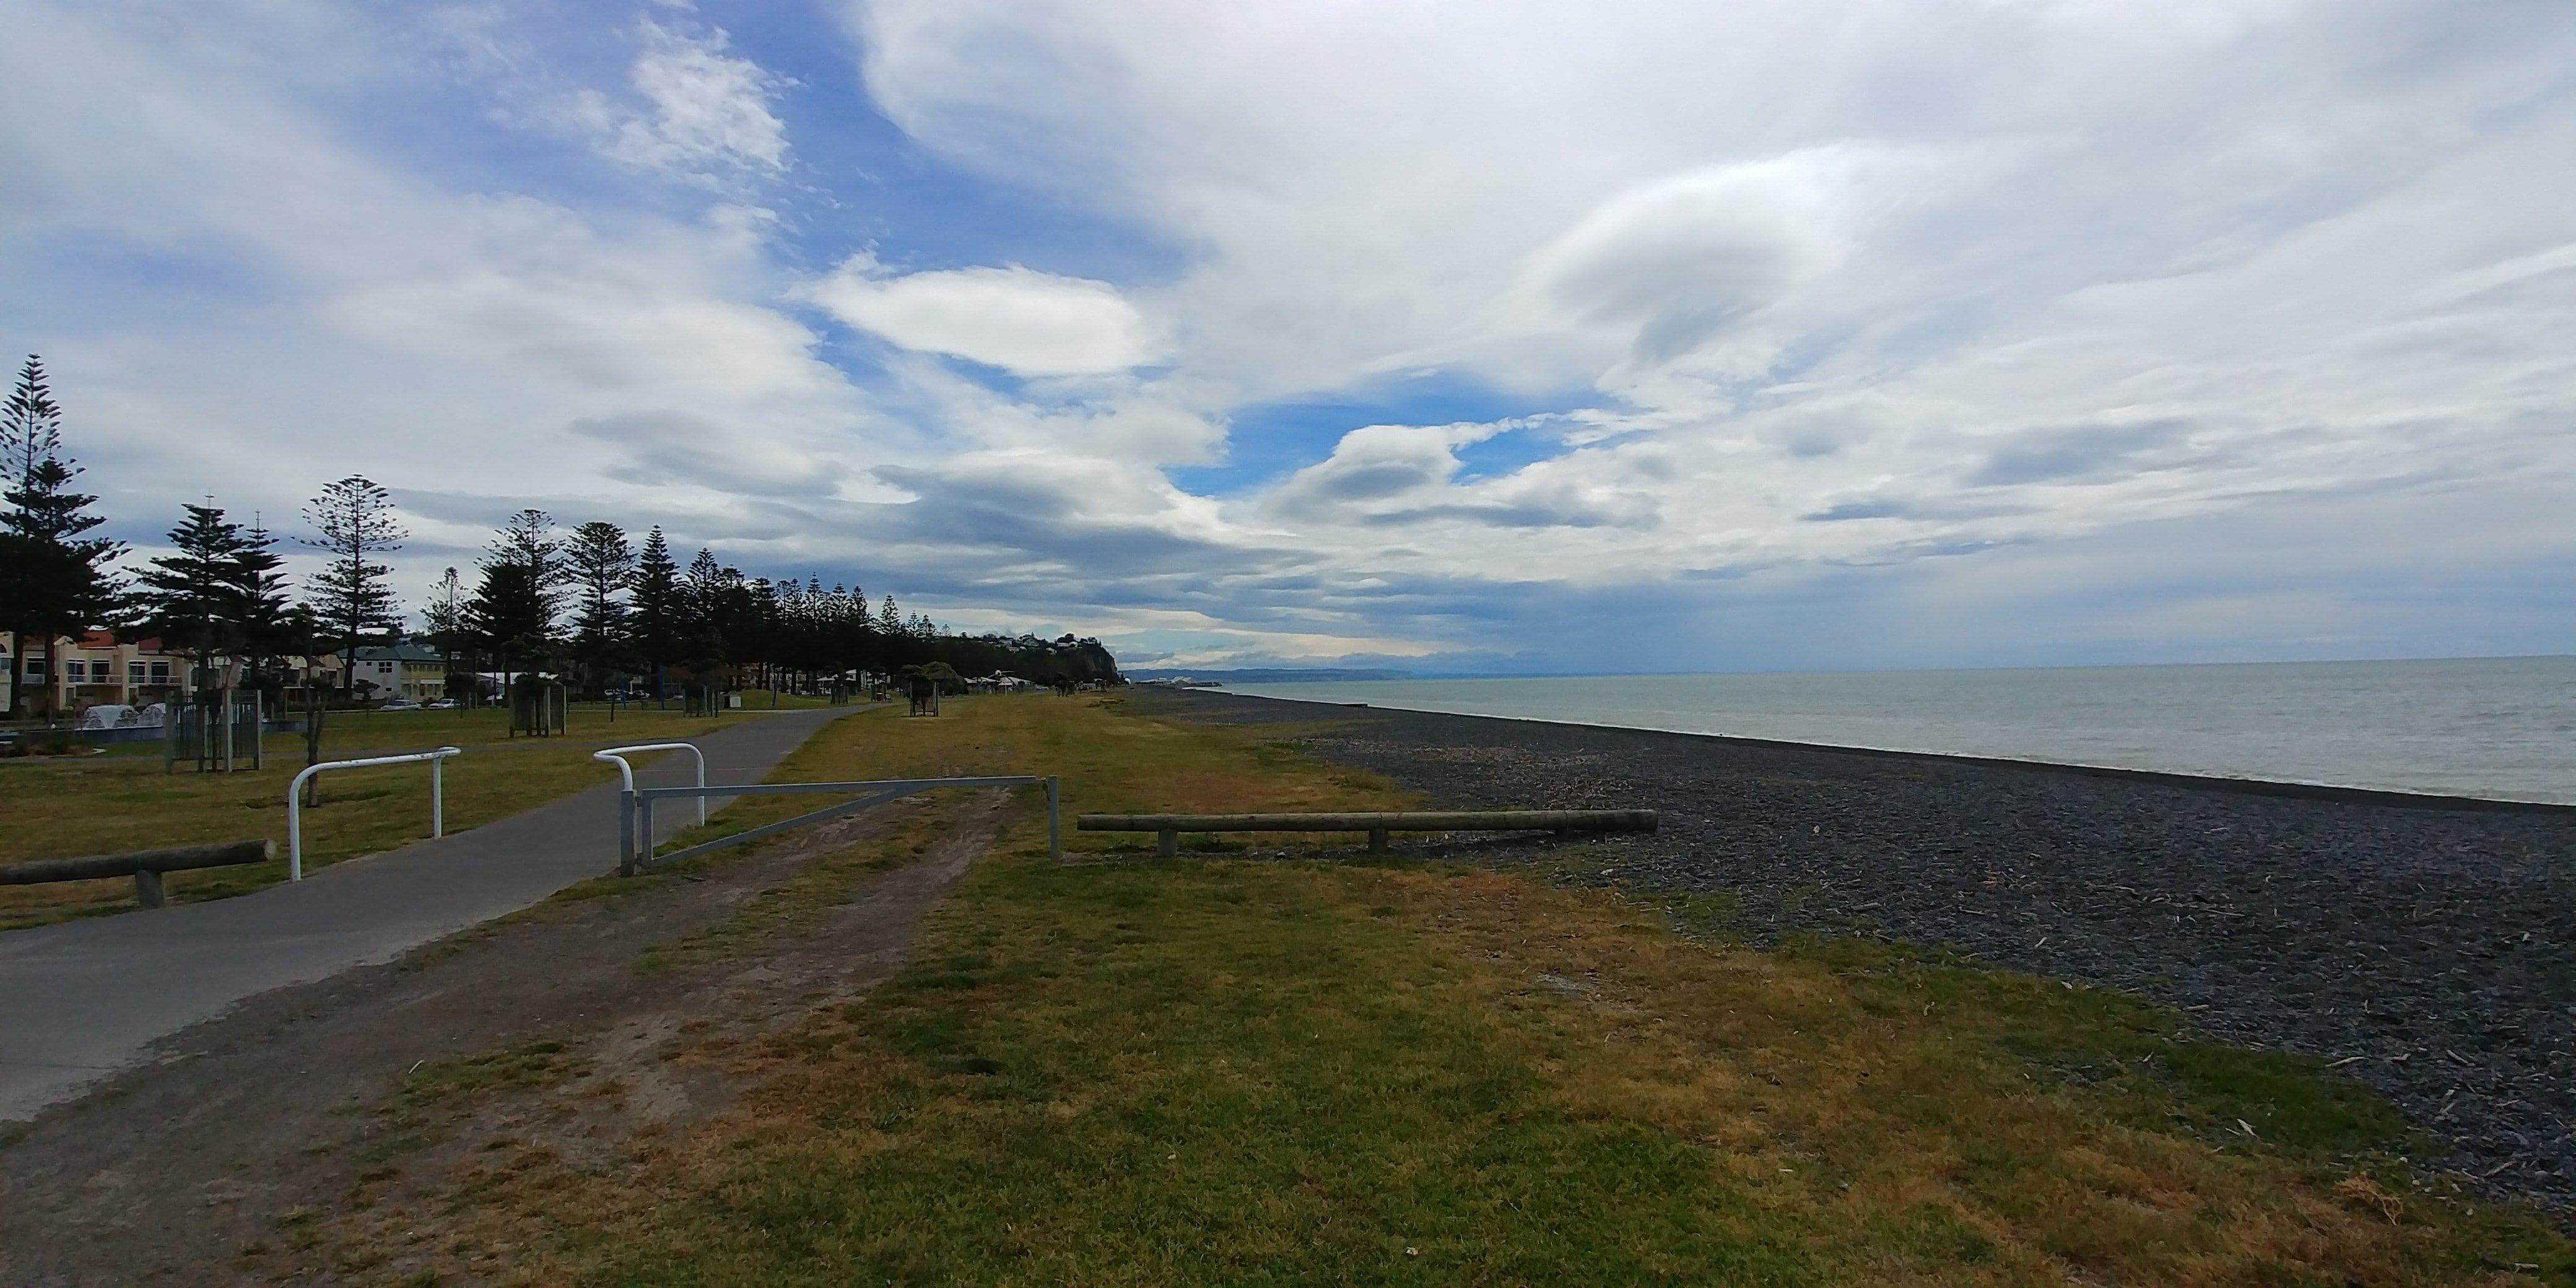 Weit weg Reisen, Napier Hawkes Bay 2